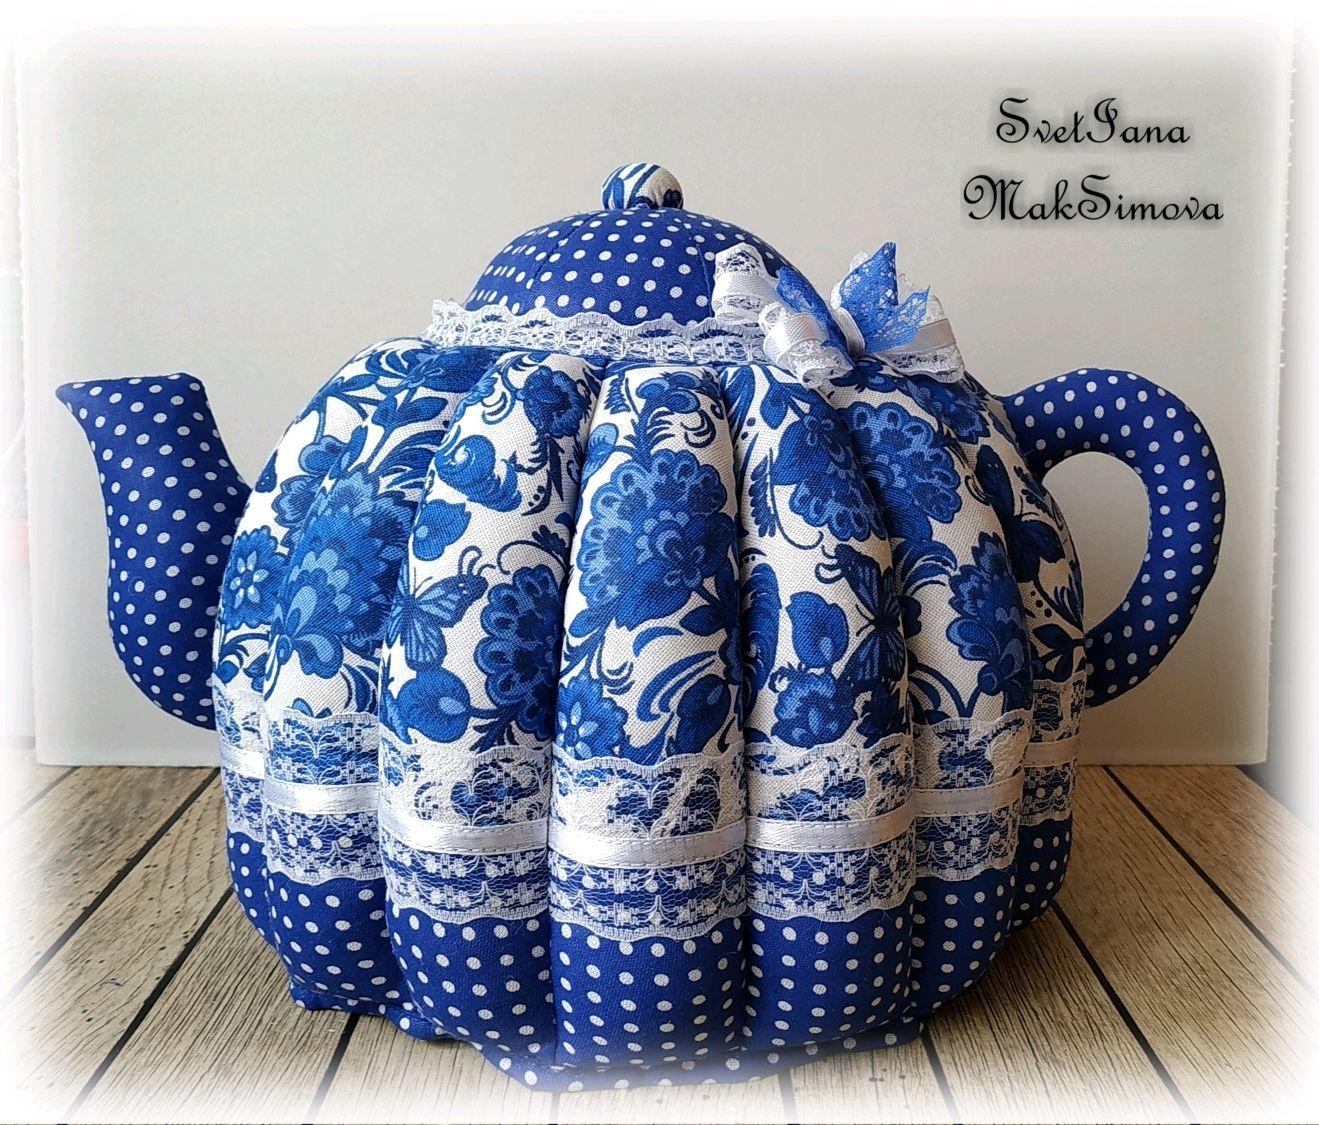 Схемы сшитых грелок на чайник. шьем необычные грелки для чайников своими руками